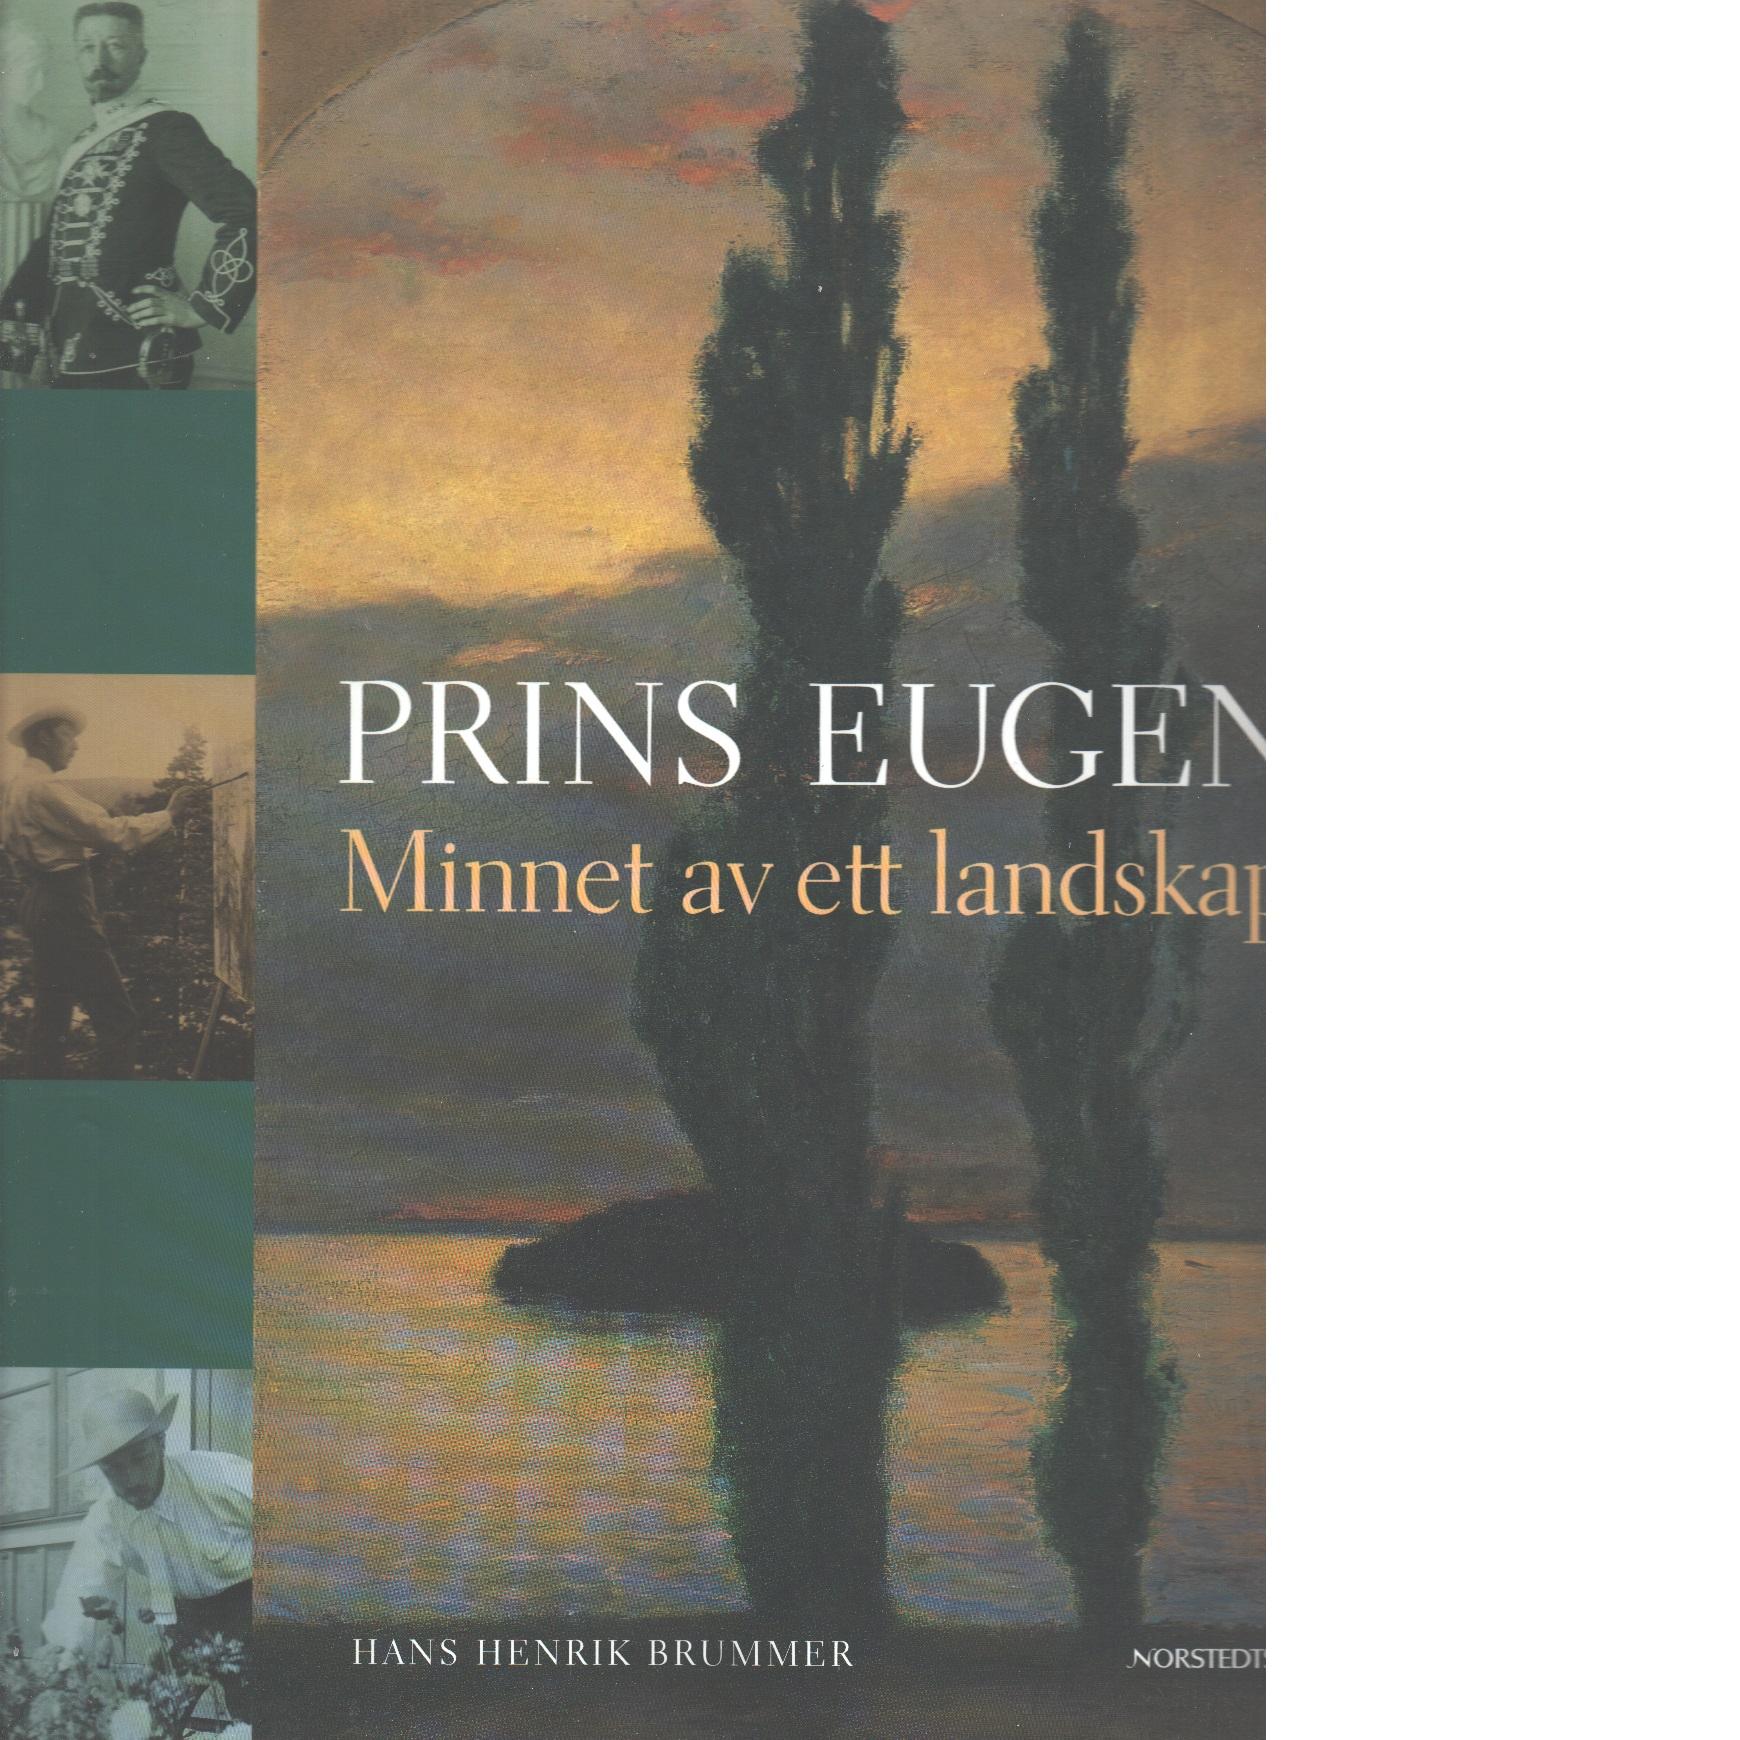 Prins Eugen : minnet av ett landskap - Brummer, Hans Henrik